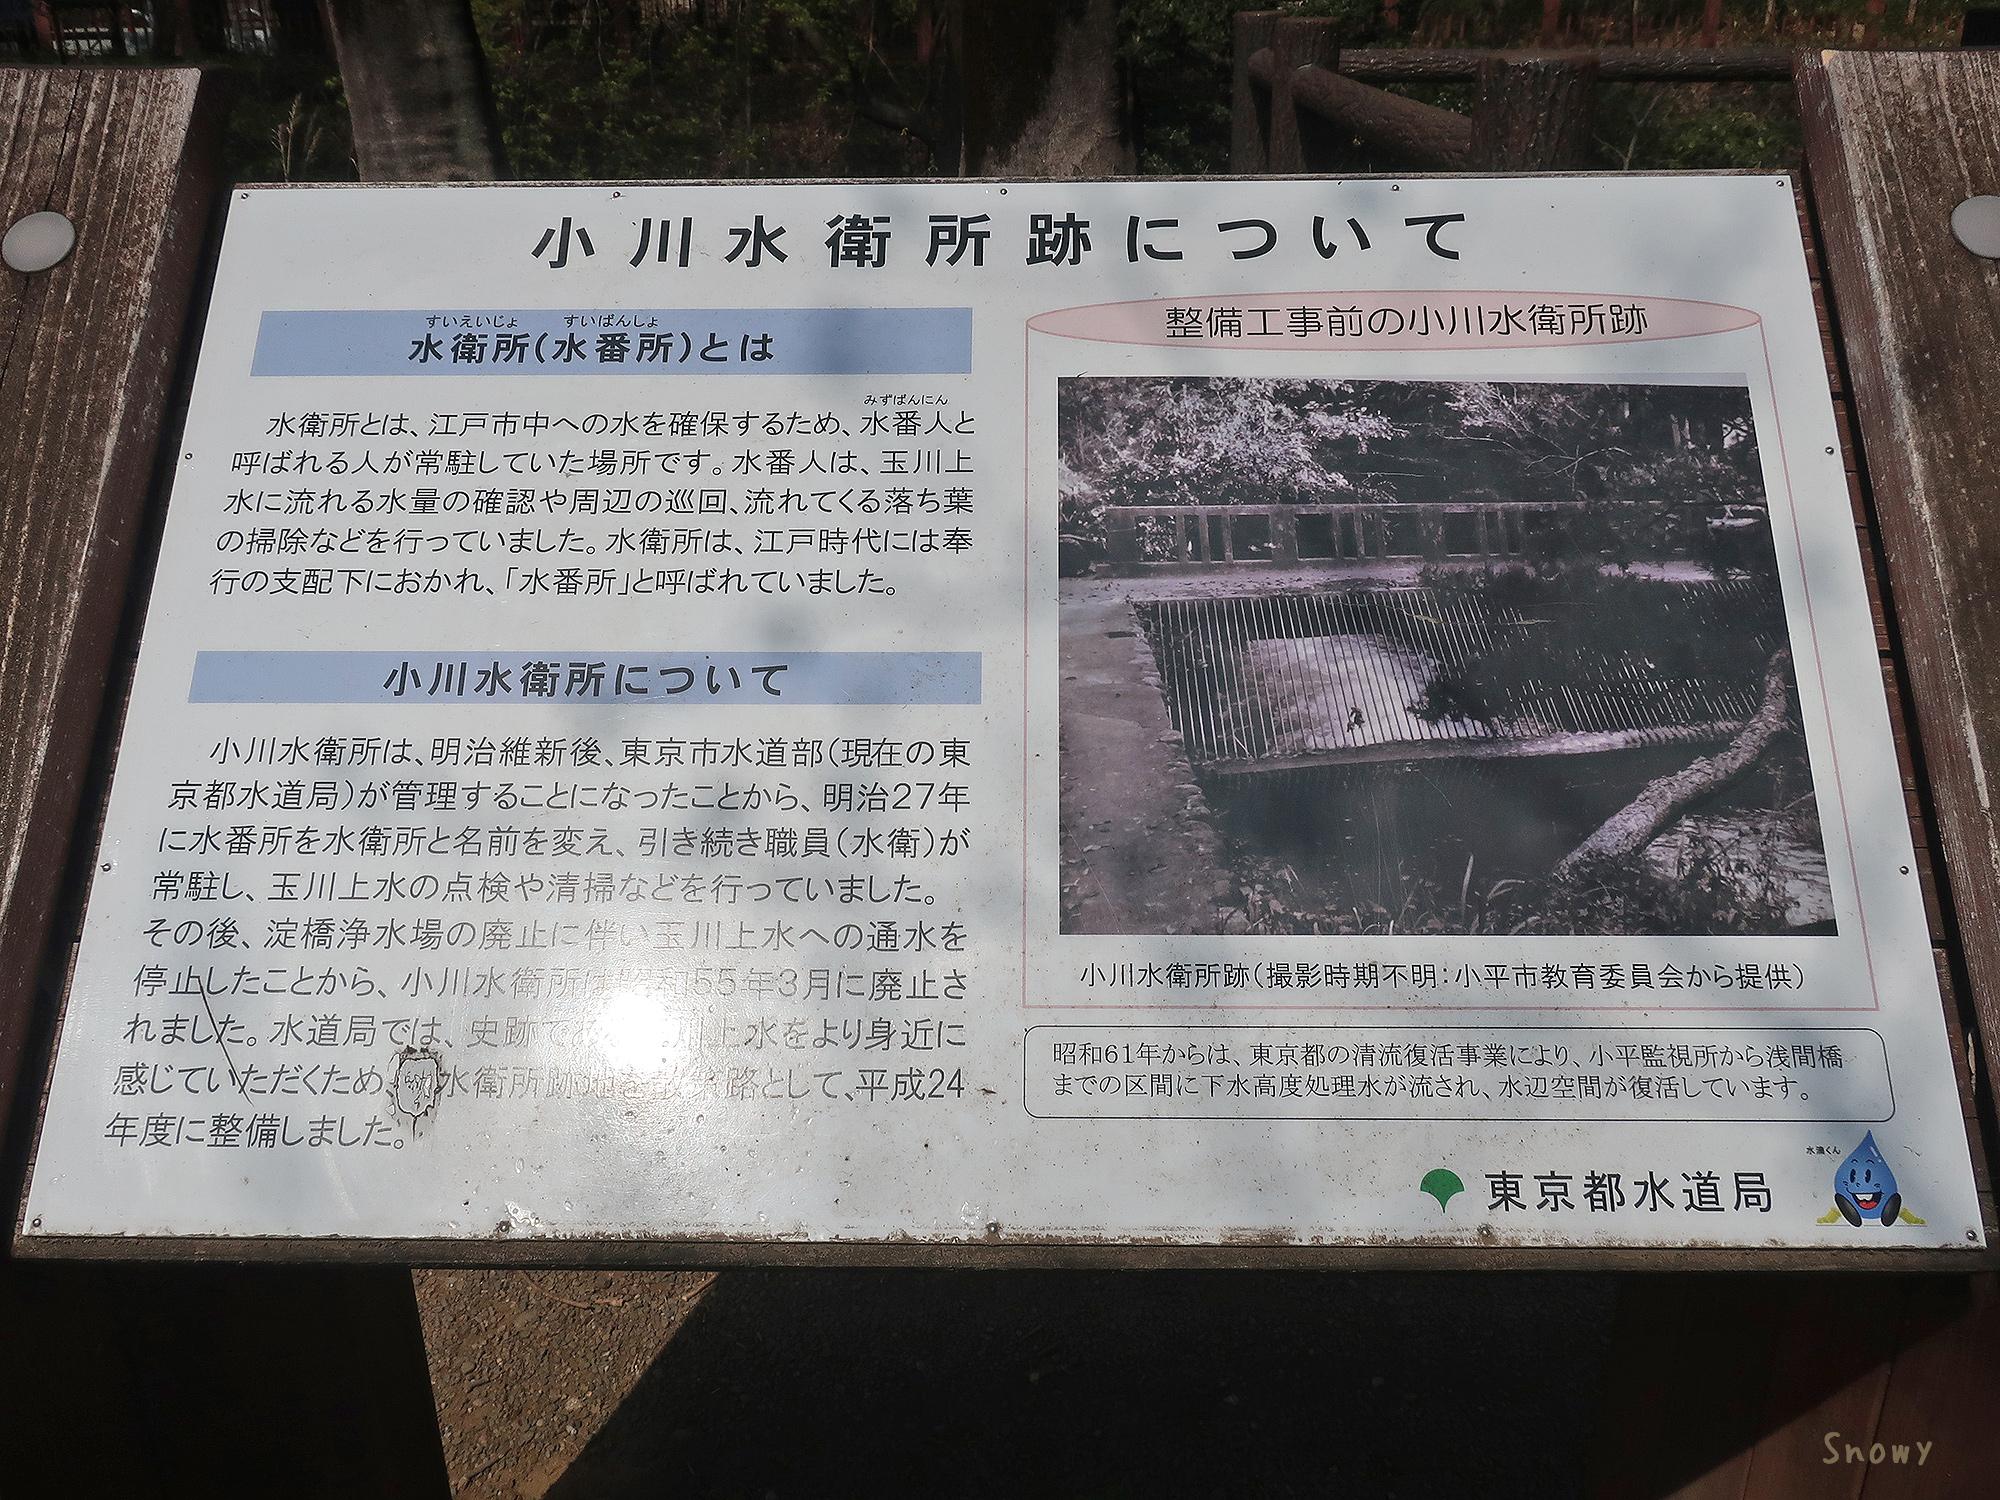 玉川上水を歩く (43) 小川水衛所跡 – かわゆら